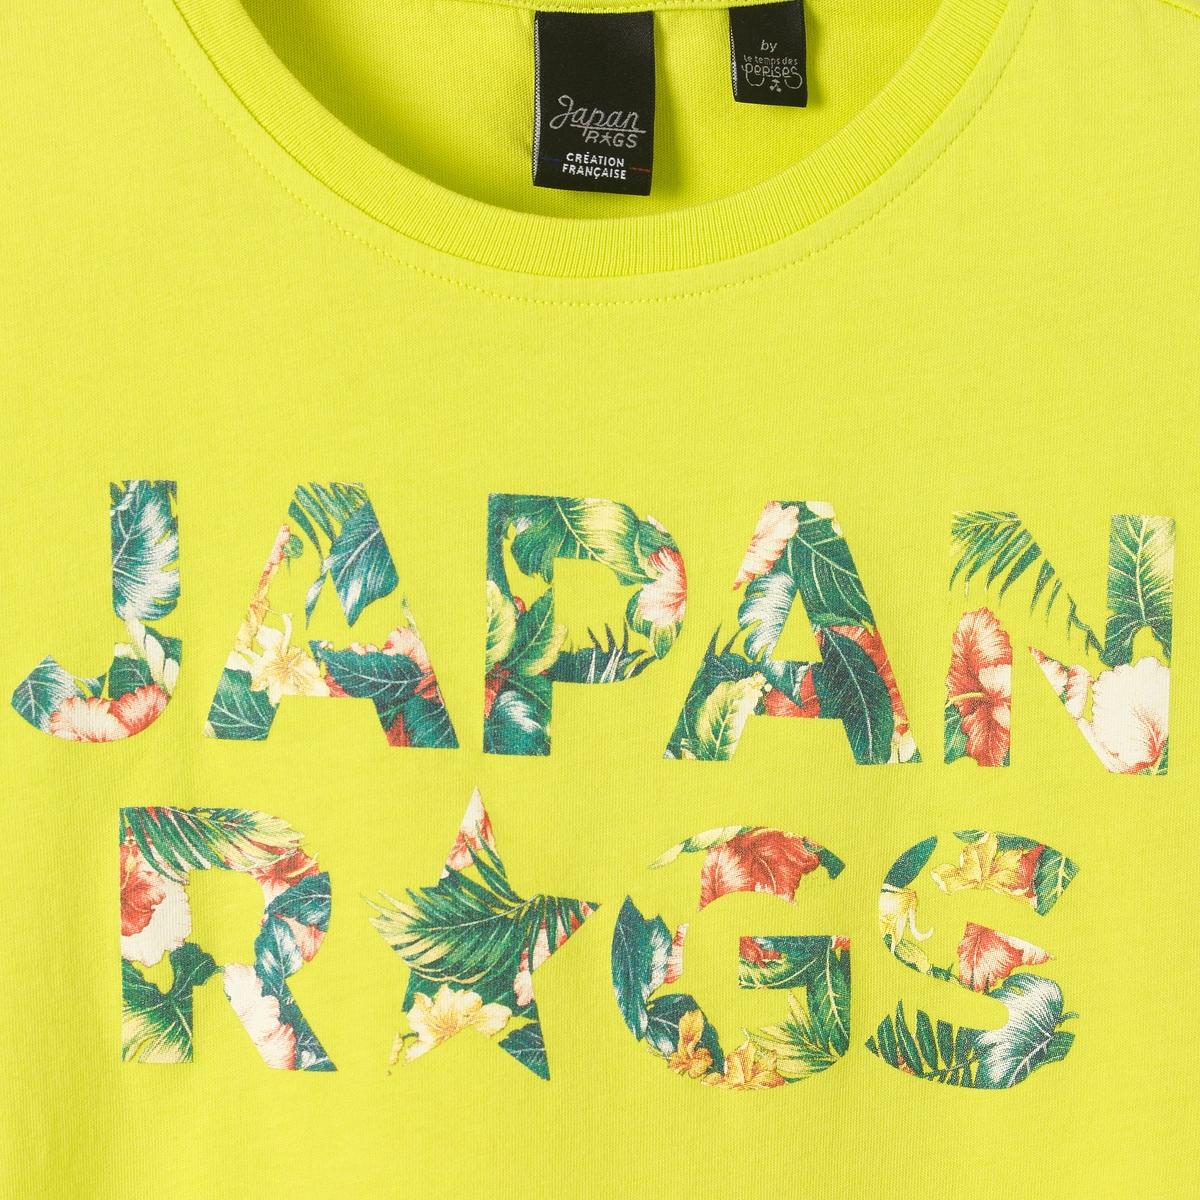 Футболка 8-16 летФутболка с короткими рукавами и рисунком JAPAN RAGS спереди. Круглый вырез.Состав и описаниеМатериал       джерси, 100% хлопокМарка      JAPAN RAGS УходМашинная стирка при 30 °С с вещами схожих цветовСтирать и гладить с изнаночной стороны<br><br>Цвет: зеленый<br>Размер: 8 лет - 126 см.12 лет -150 см